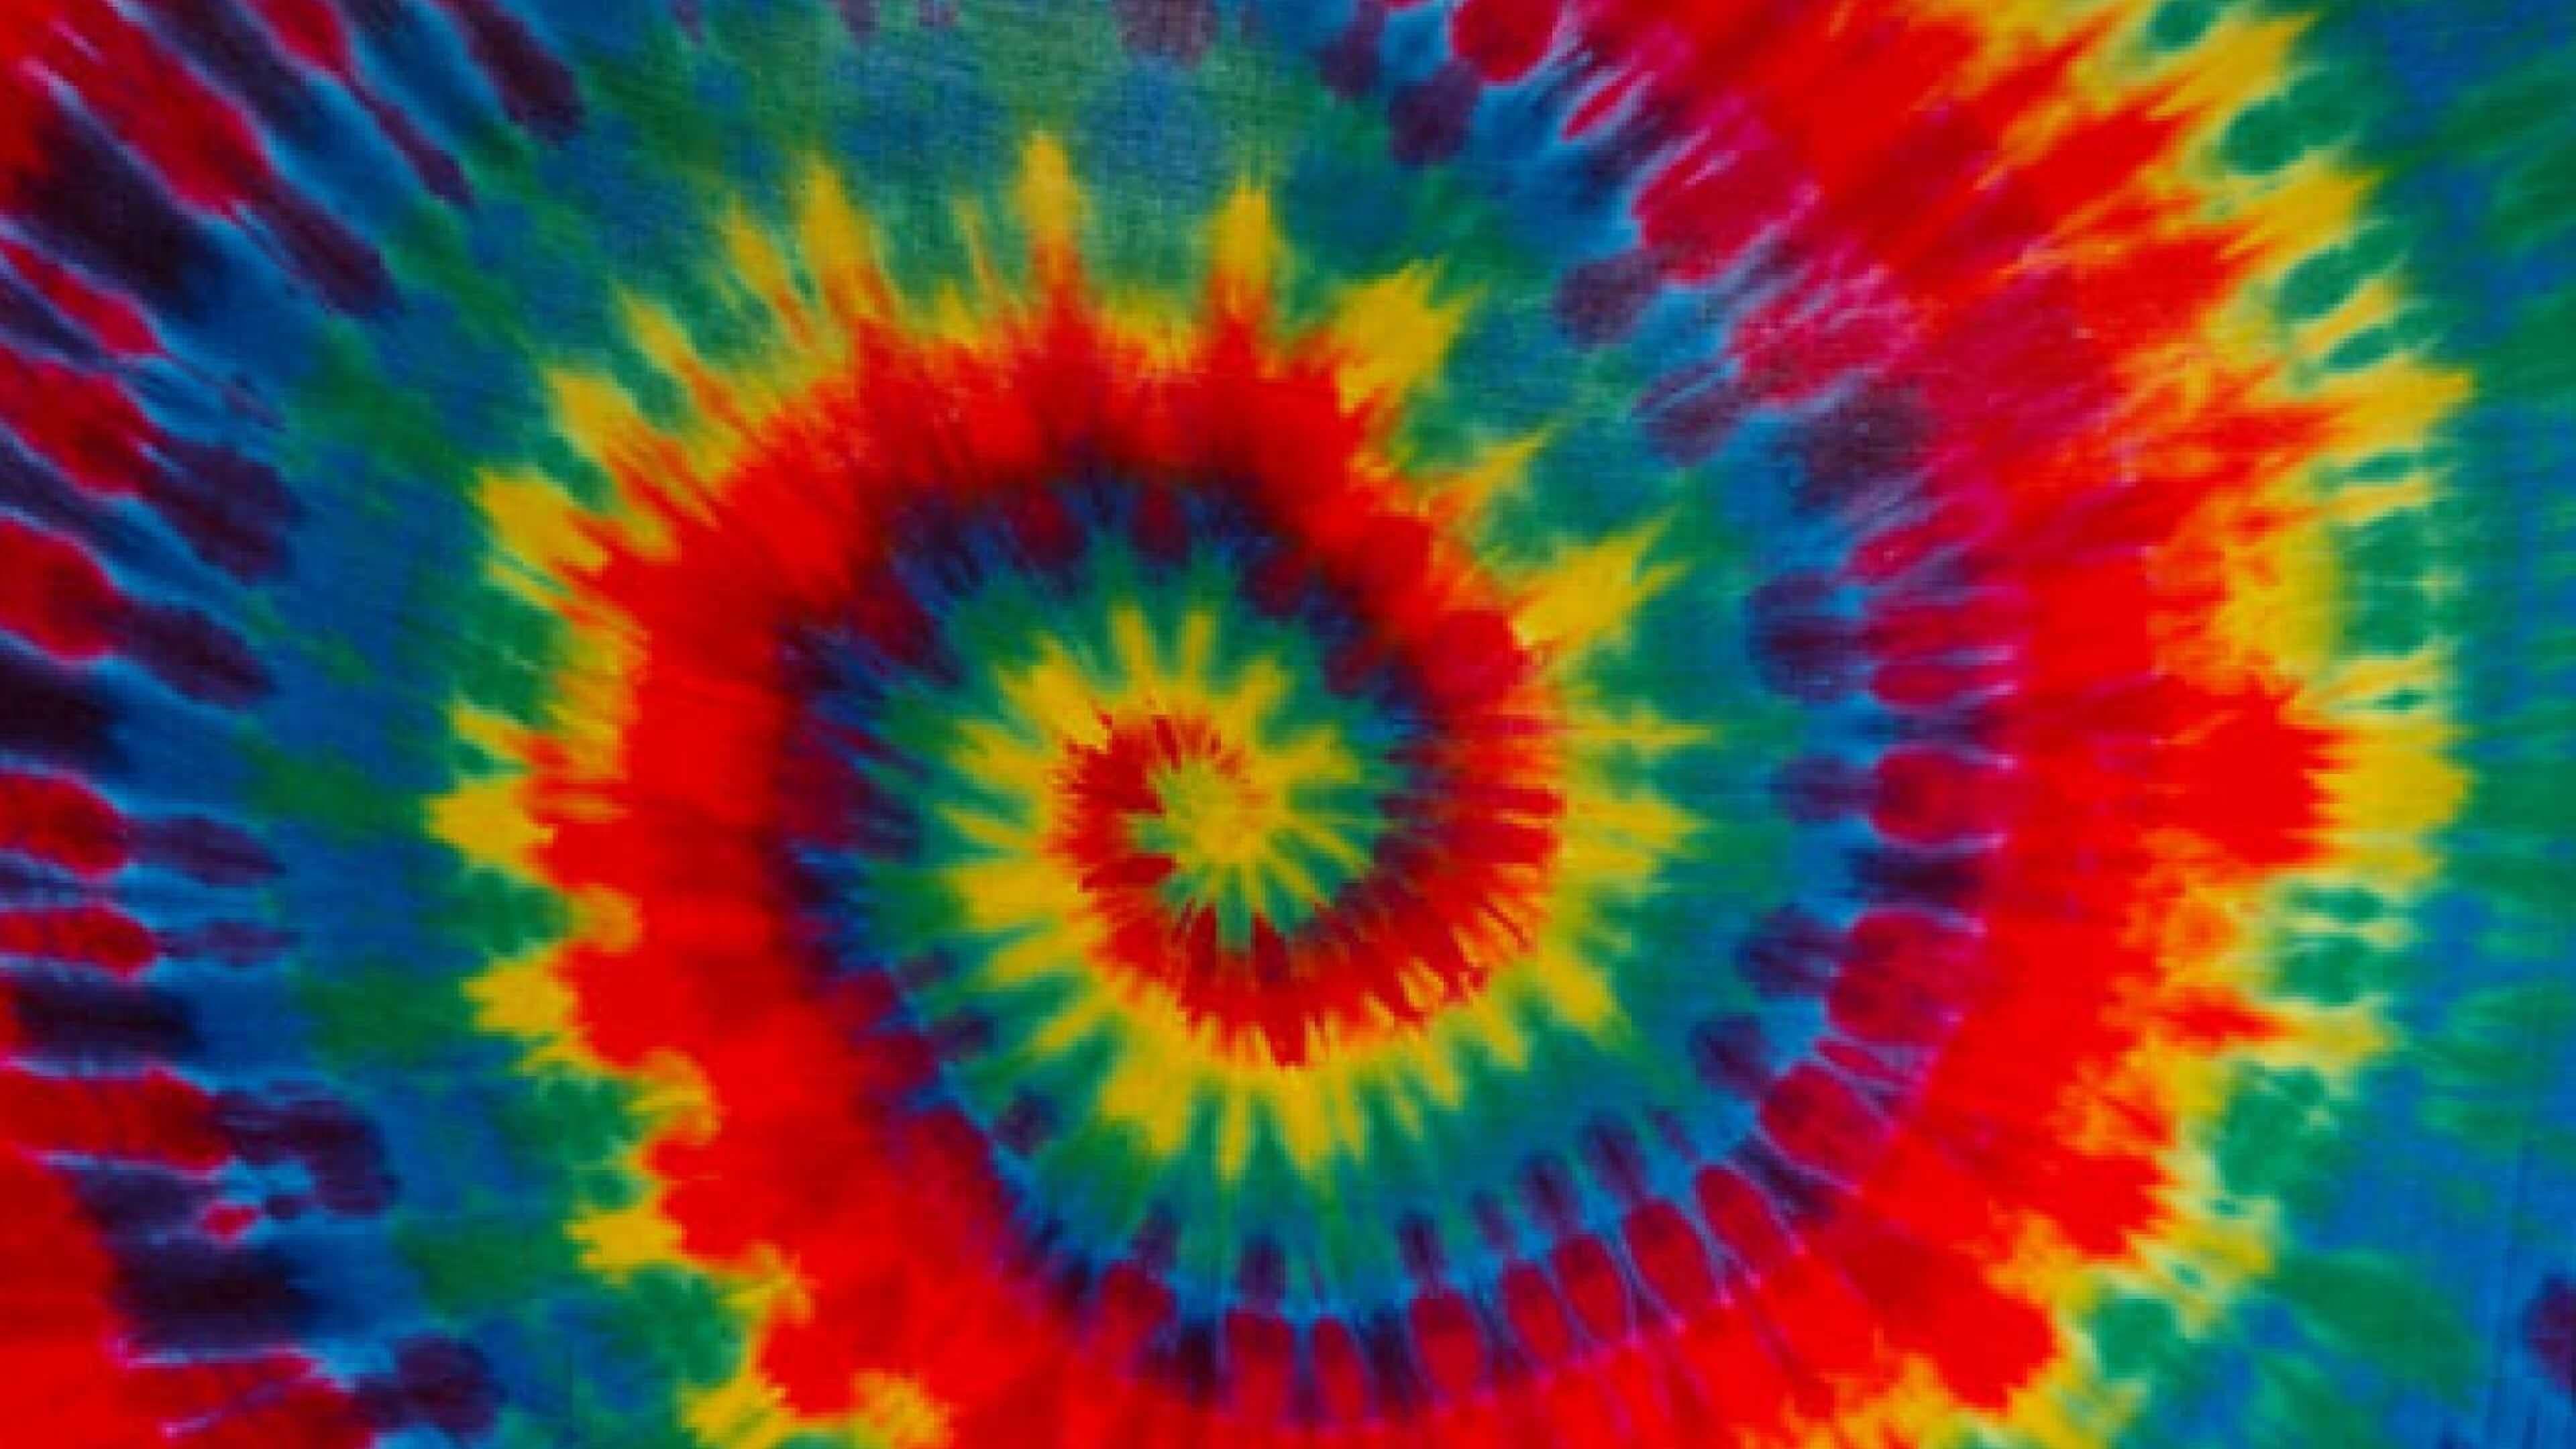 Tie Dye Wallpaper For Samsung 4k Hd   Tie Dye Desktop 3840x2160